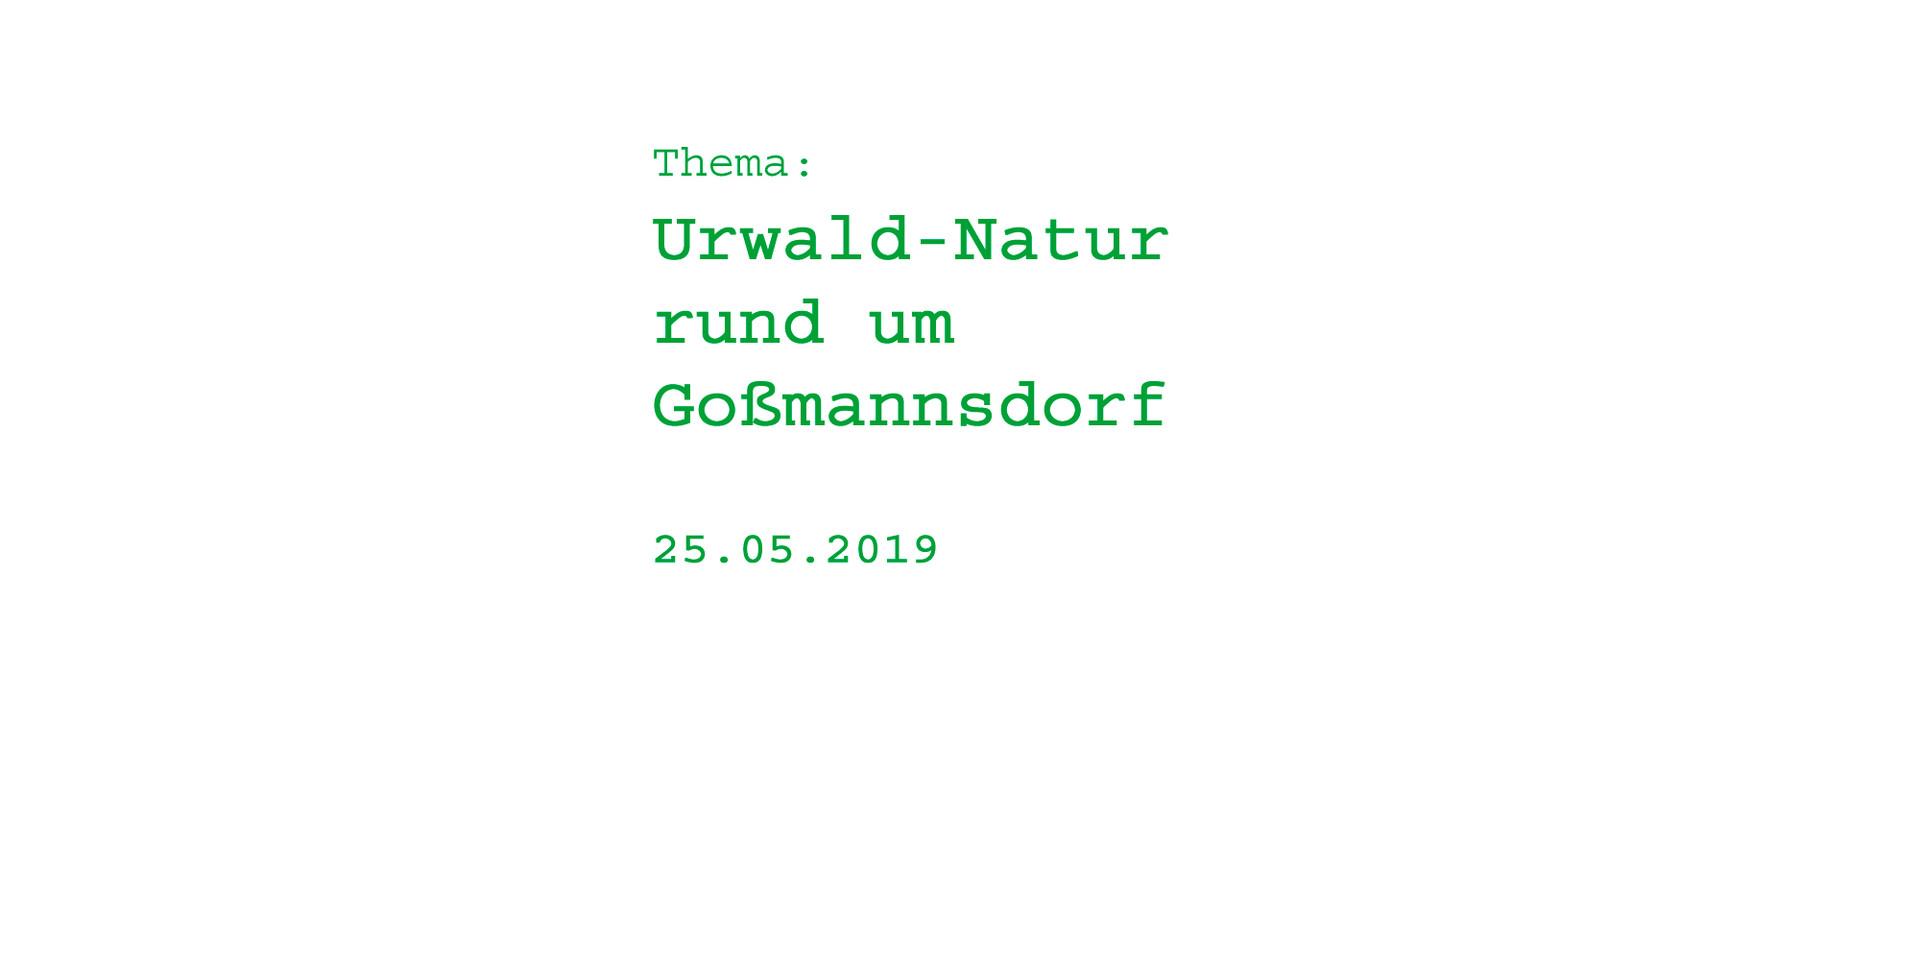 Urwald rund um Goßmannsdorf